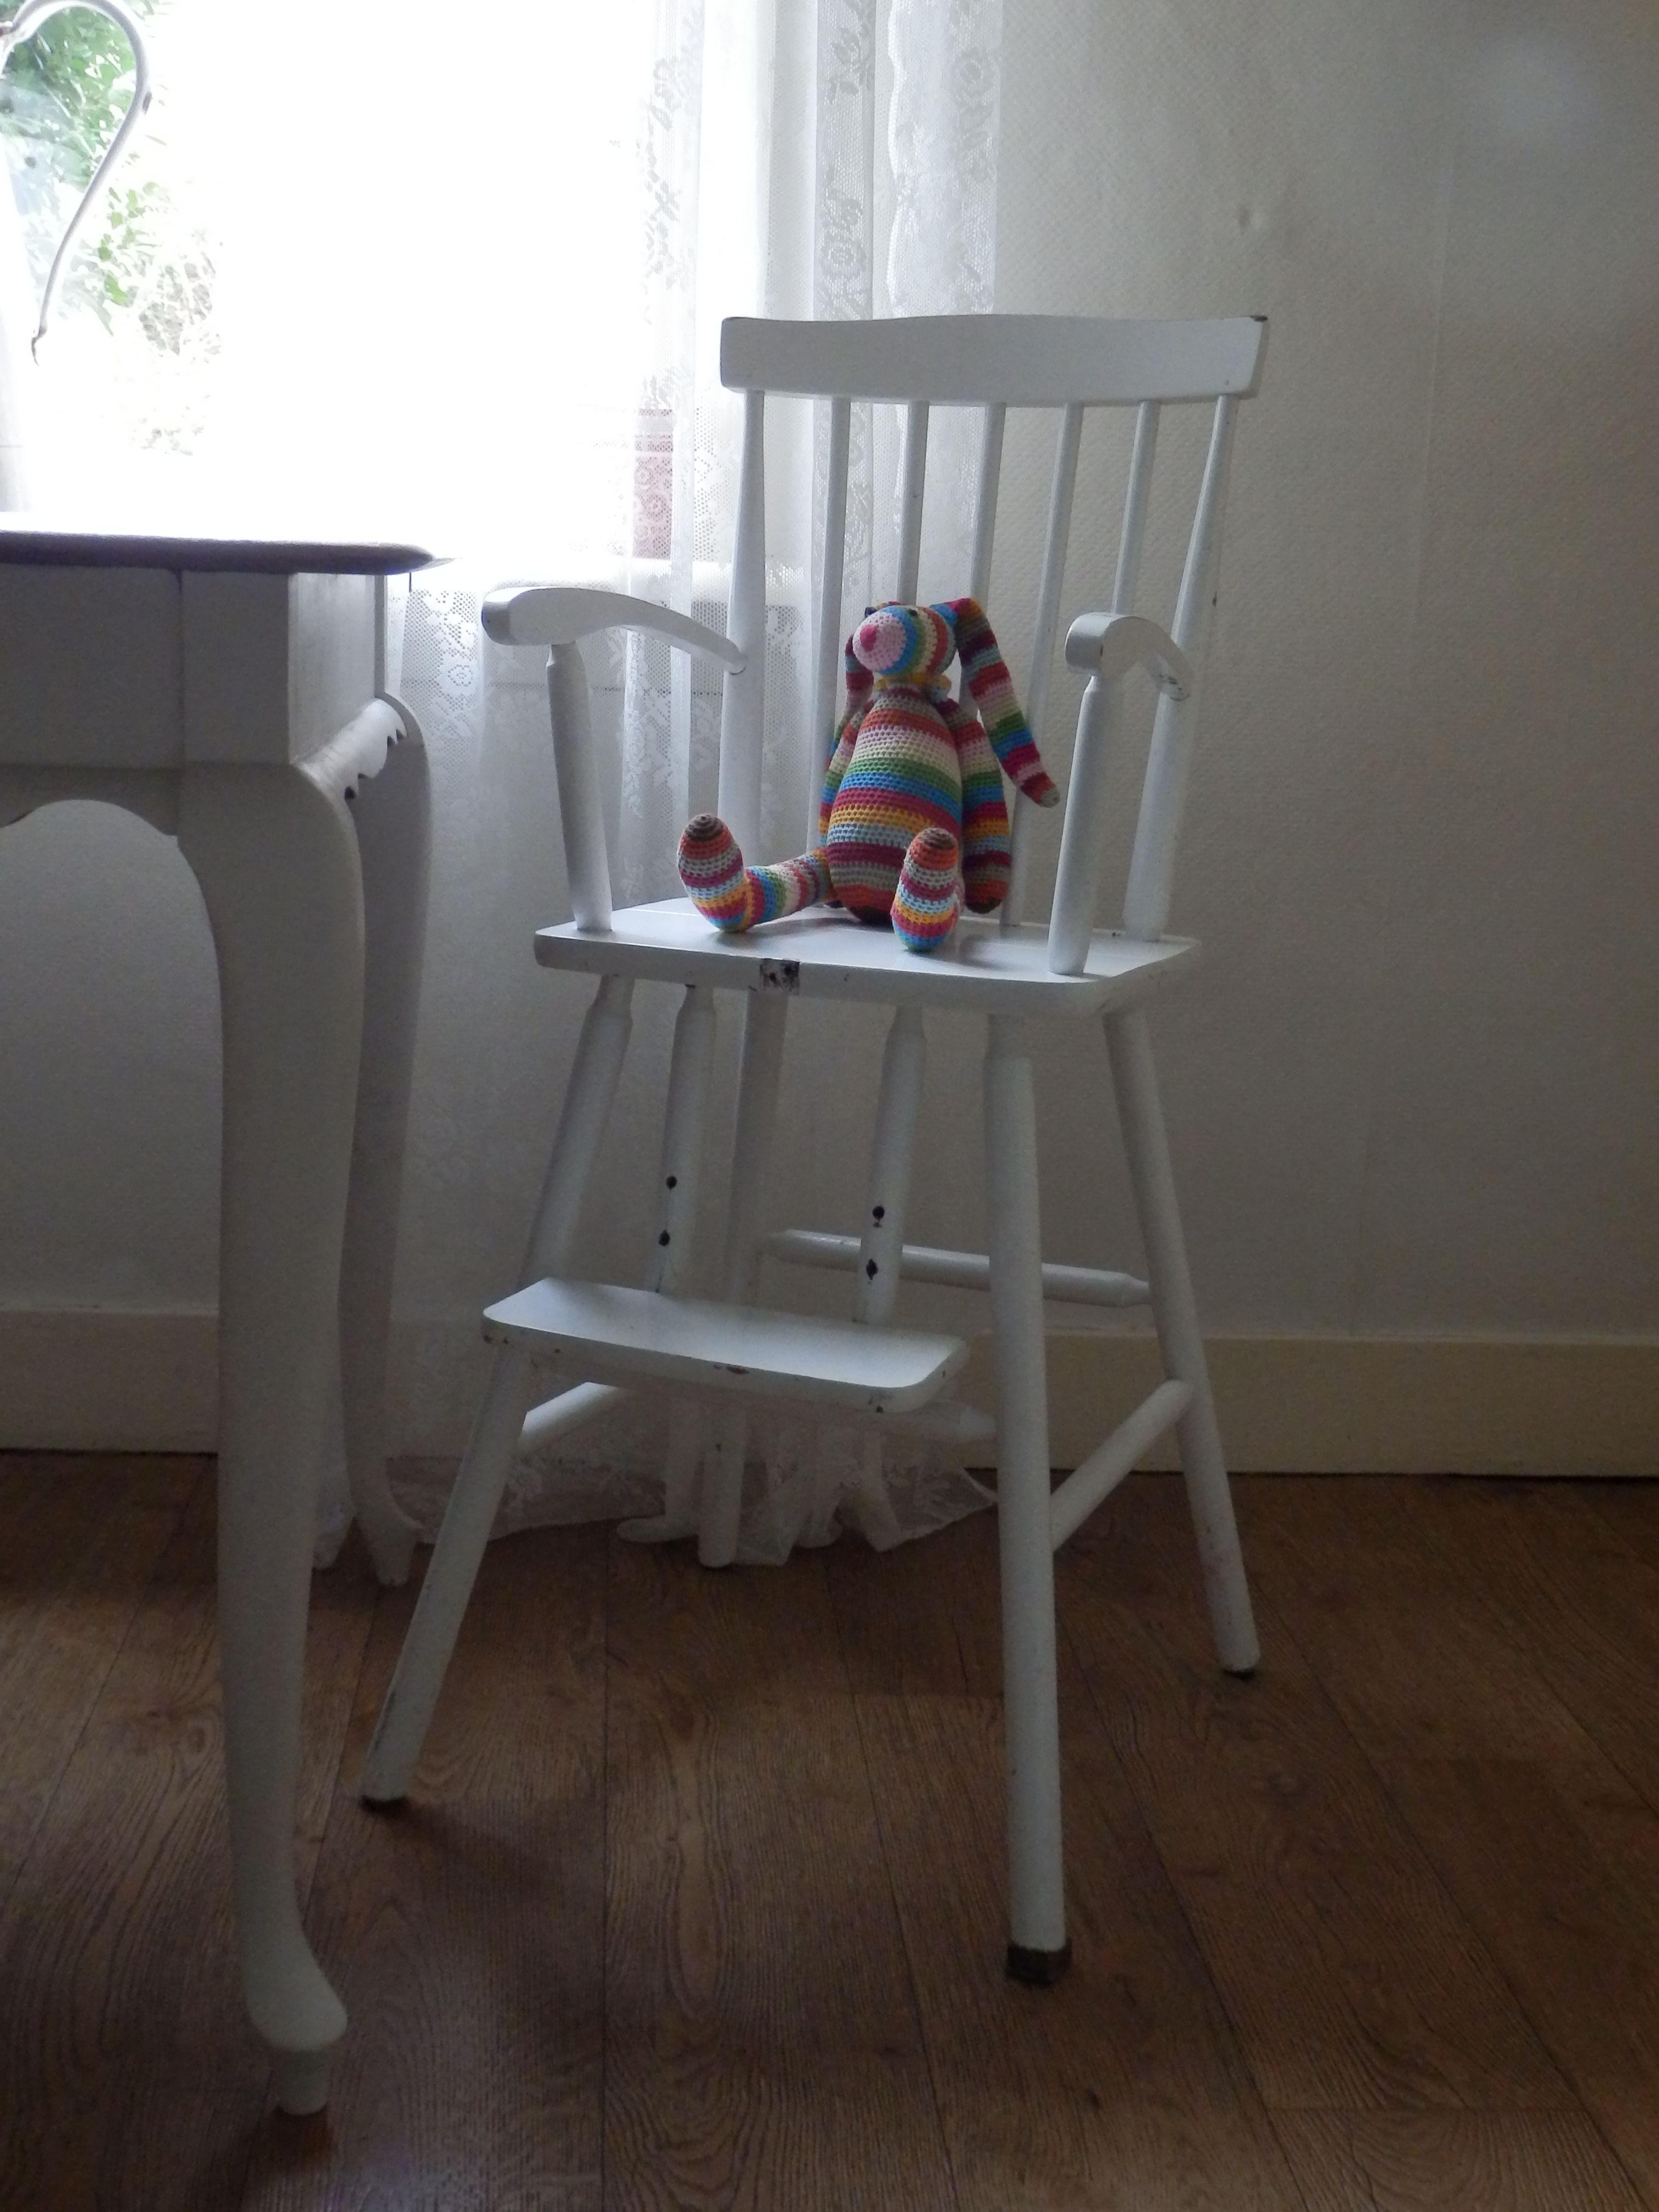 Kinderstoel Voor Peuters.Oude Kinderstoel Knusse Peuter Kleuter Spijlenstoel Kan Een Likje